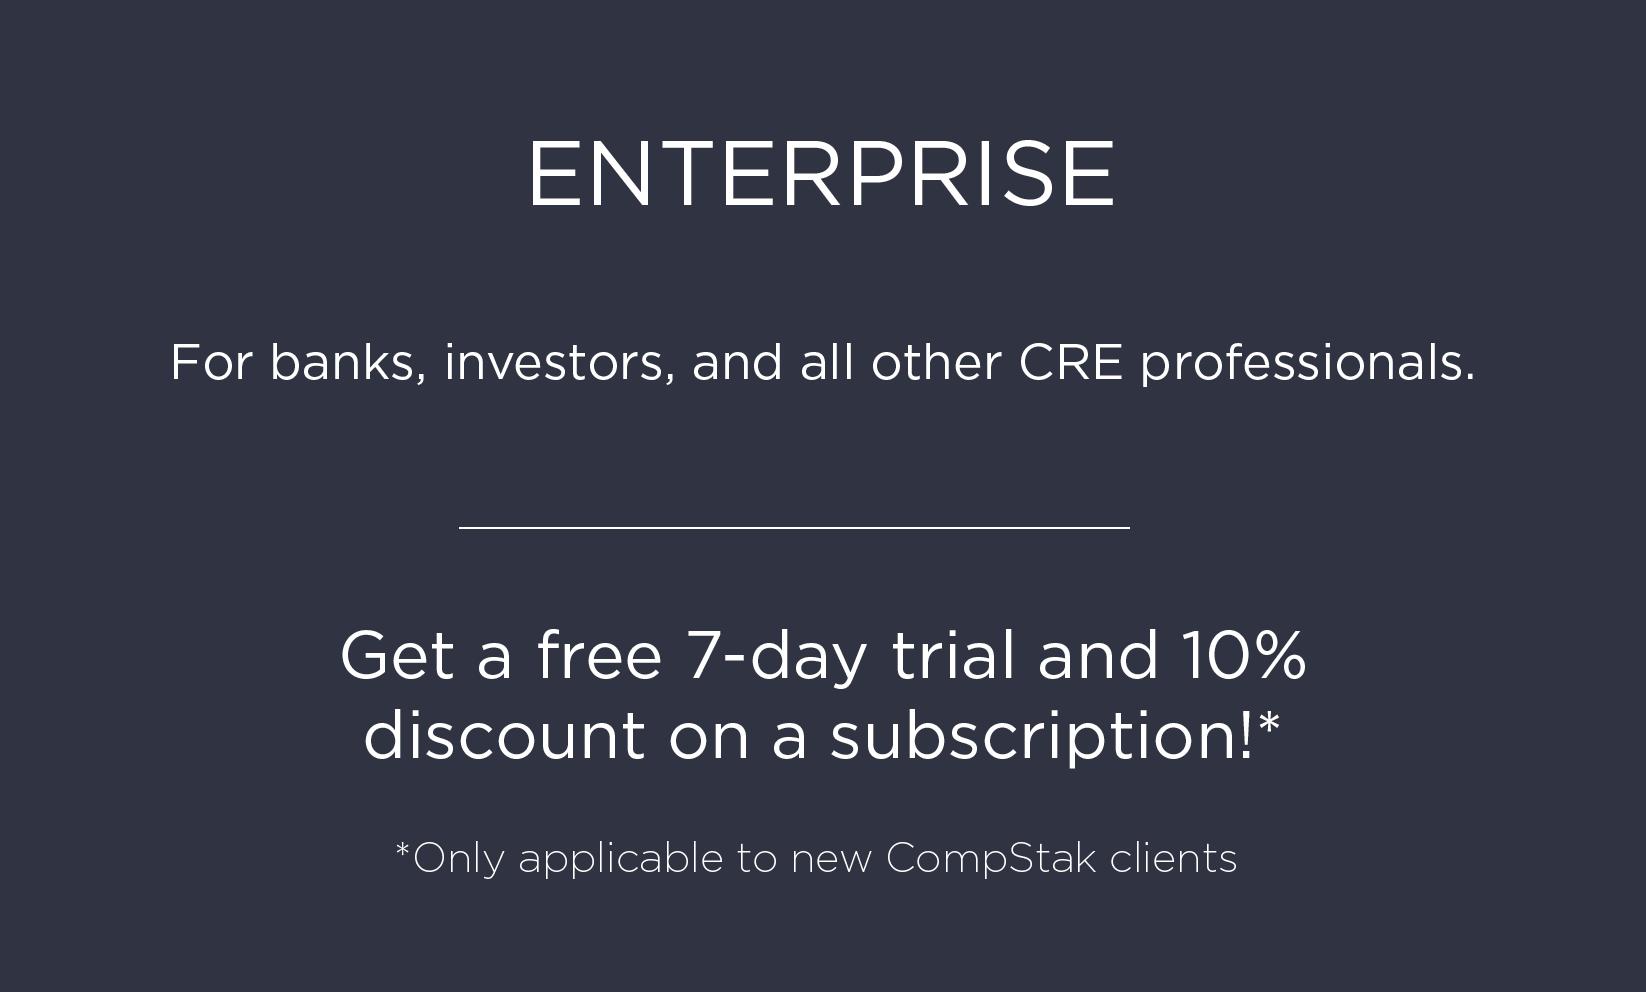 Enterprise Offer